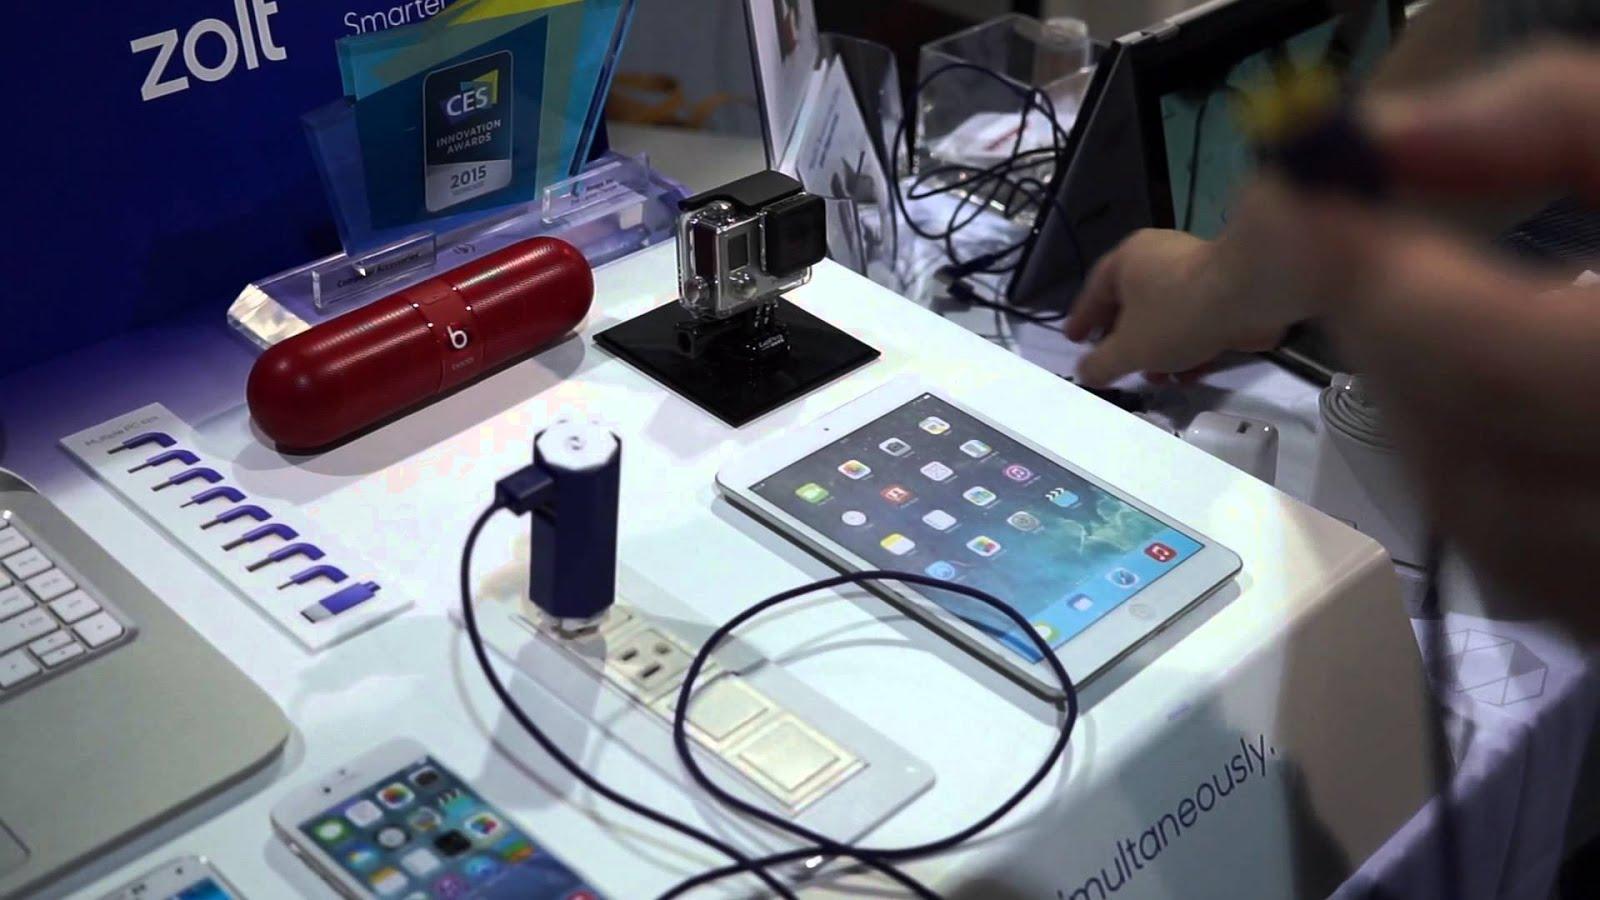 Charger Multi Fungsi ZOLT, Bisa digunakan untuk Handphone dan Berbagai Jenis Laptop